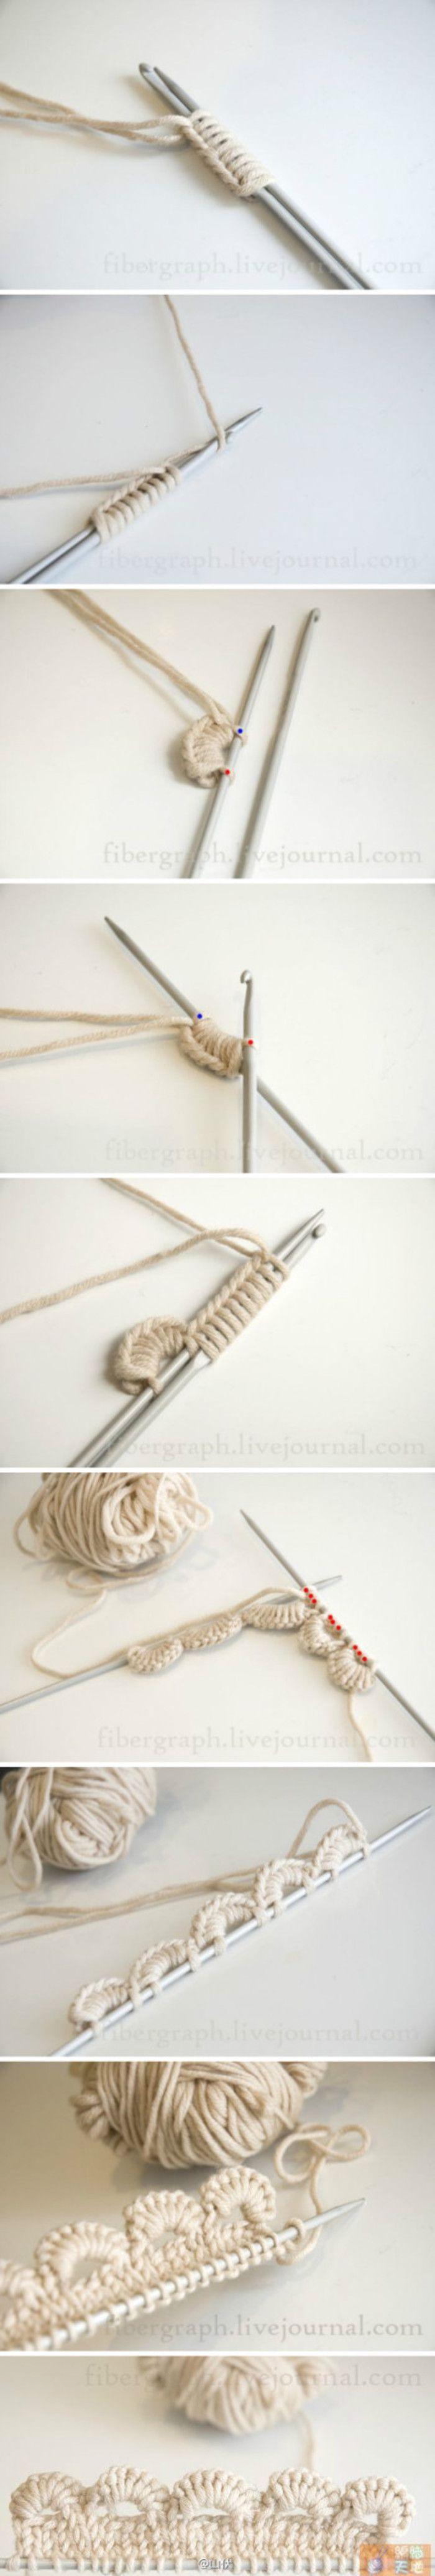 花边 knitting a lace edge, this is Great!!! Going to do it on my present project!!!!